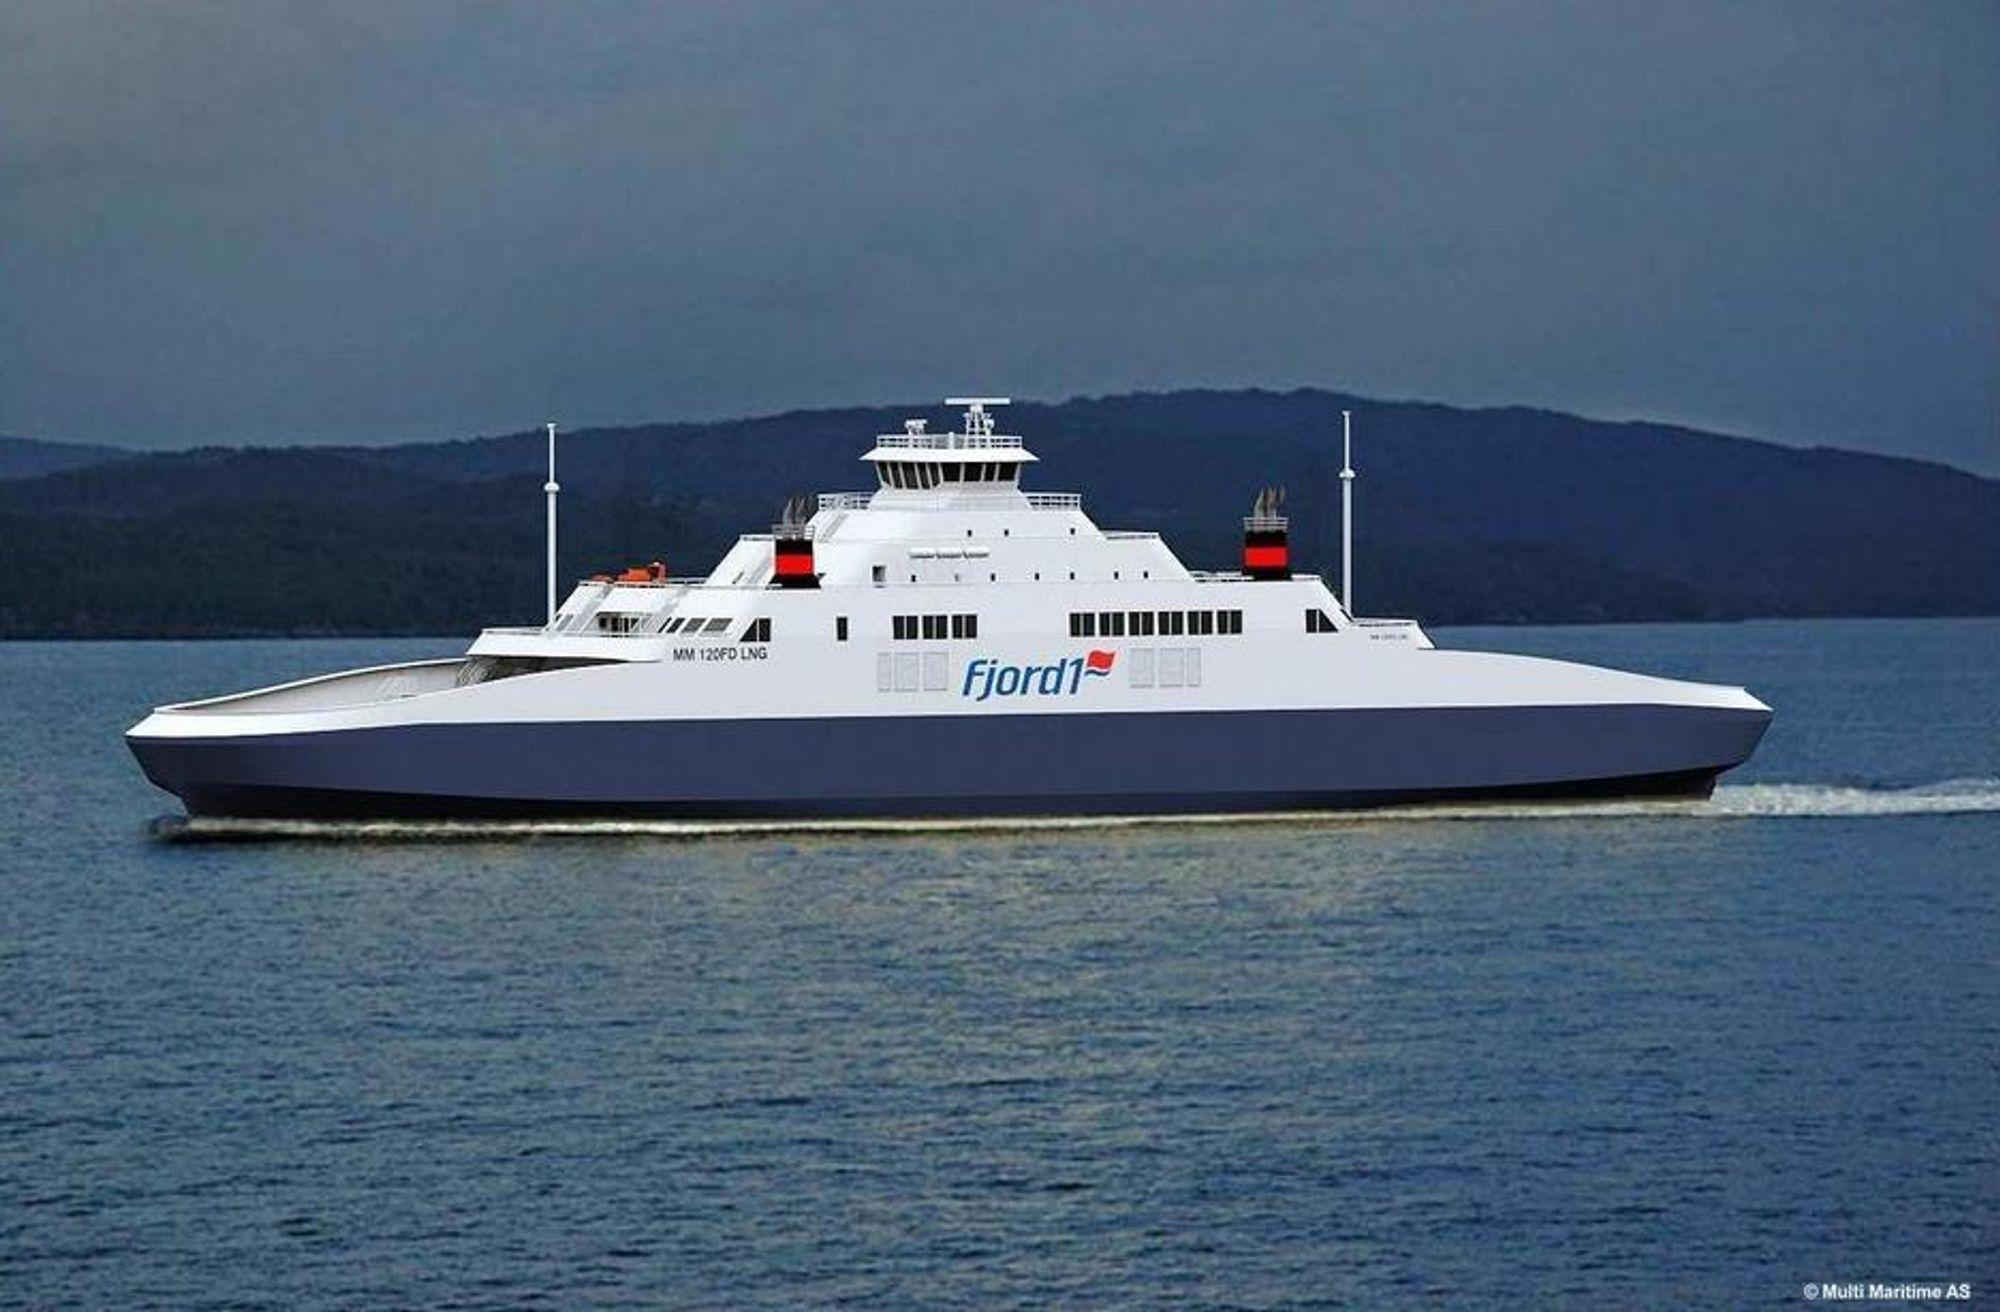 MODERNE: Fjord1 har bestilt verdens største LNG-ferje fra Fiskerstrand. Nå kan et moderne  og kanskje enda mer miljøvennlig skip bli brukt også på Lavik-Oppedal-sambandet fra 2015.